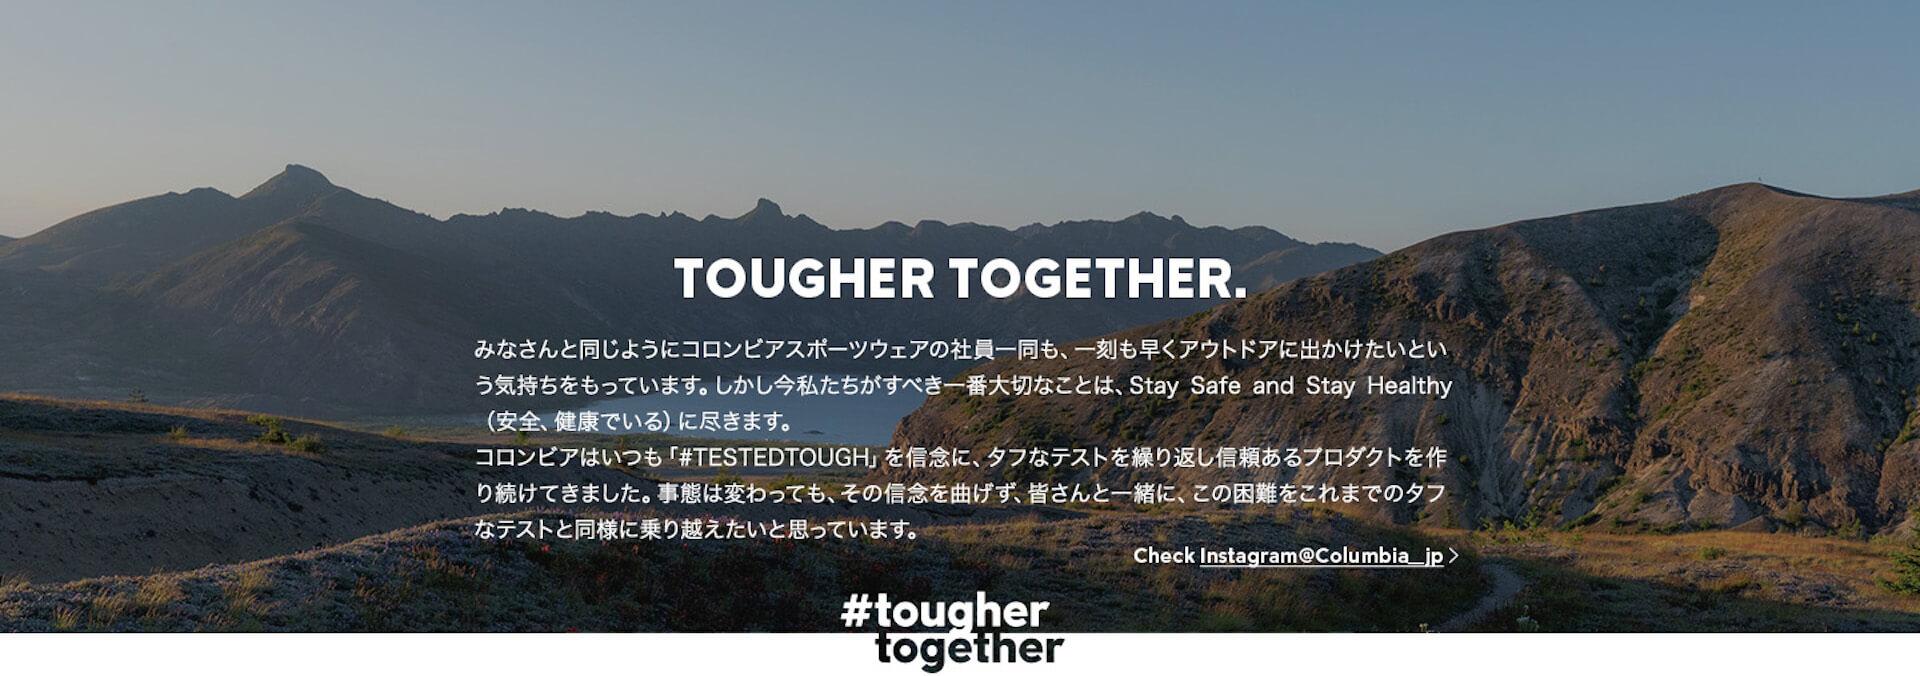 コロンビアがアウトドアの思い出をシェアする「Tougher Together」キャンペーンを開始|山岳ランナーの上田瑠偉とIGTV配信 ac200402_toughertogether_02